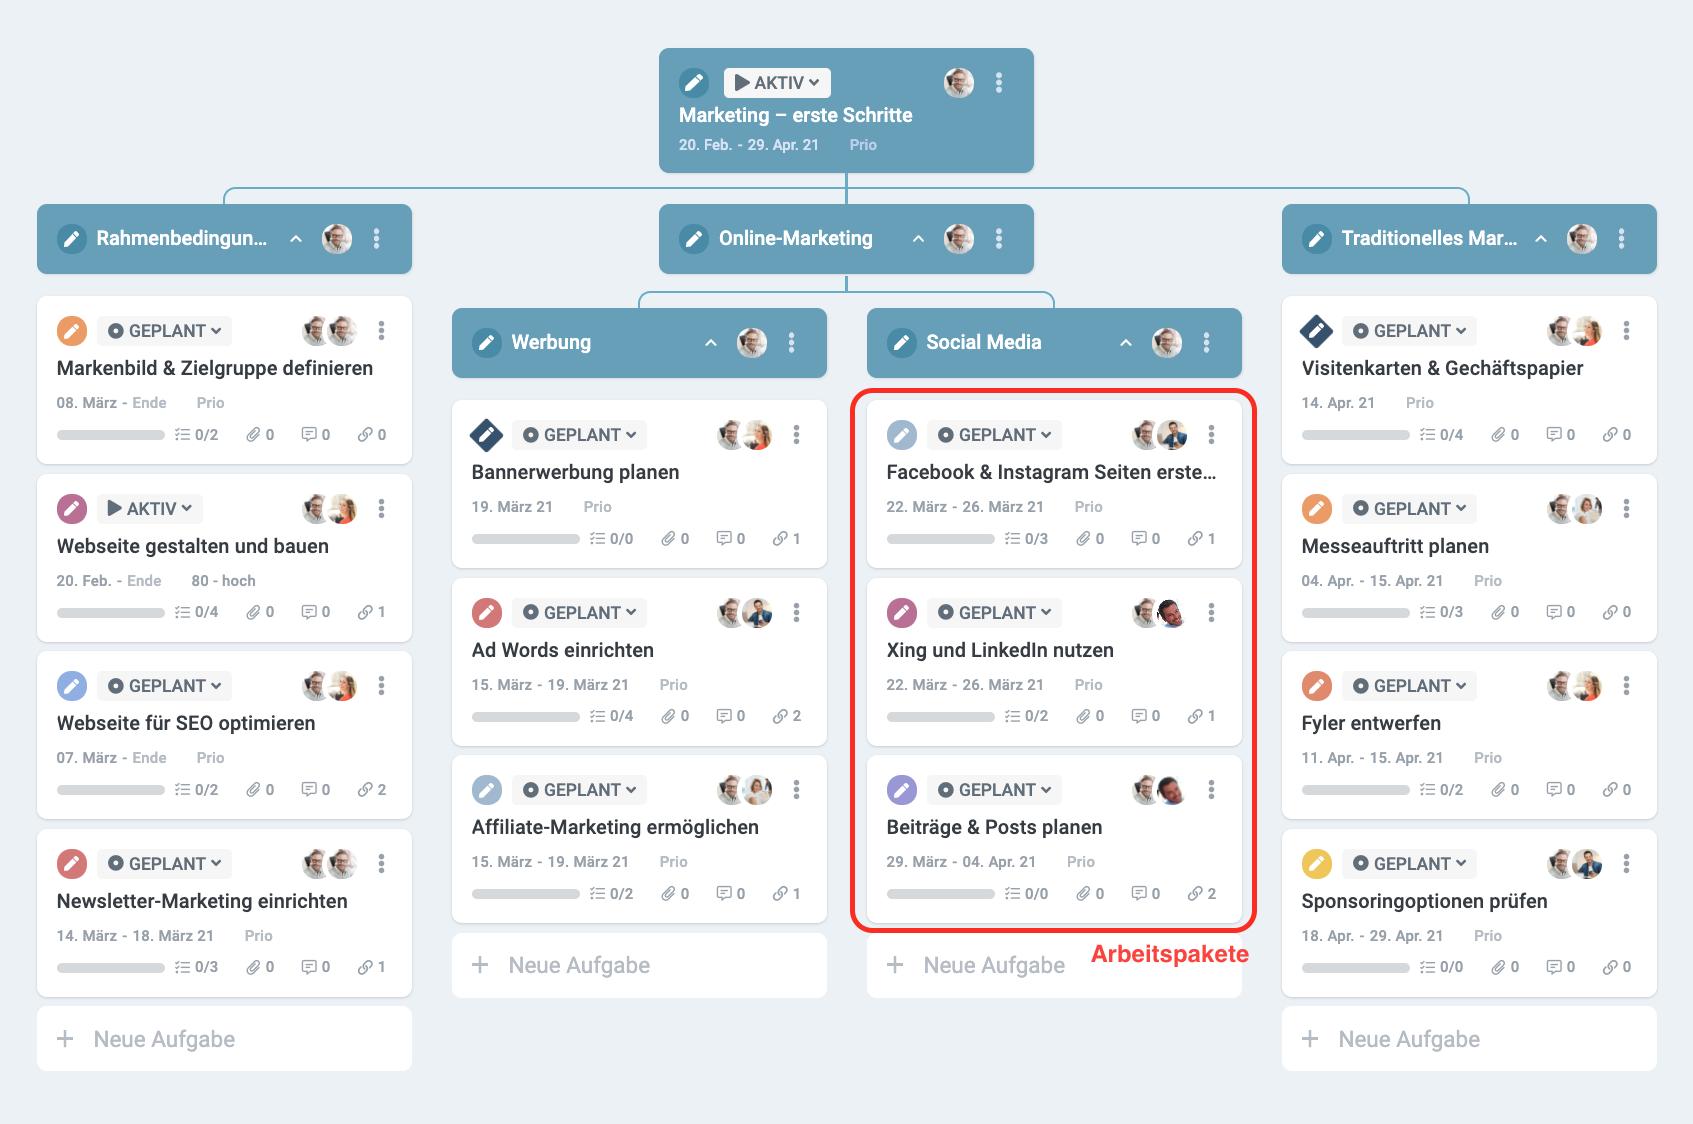 Ein Screenshot eines Projektstrukturplans, bei dem Arbeitspakete hervorgehoben sind